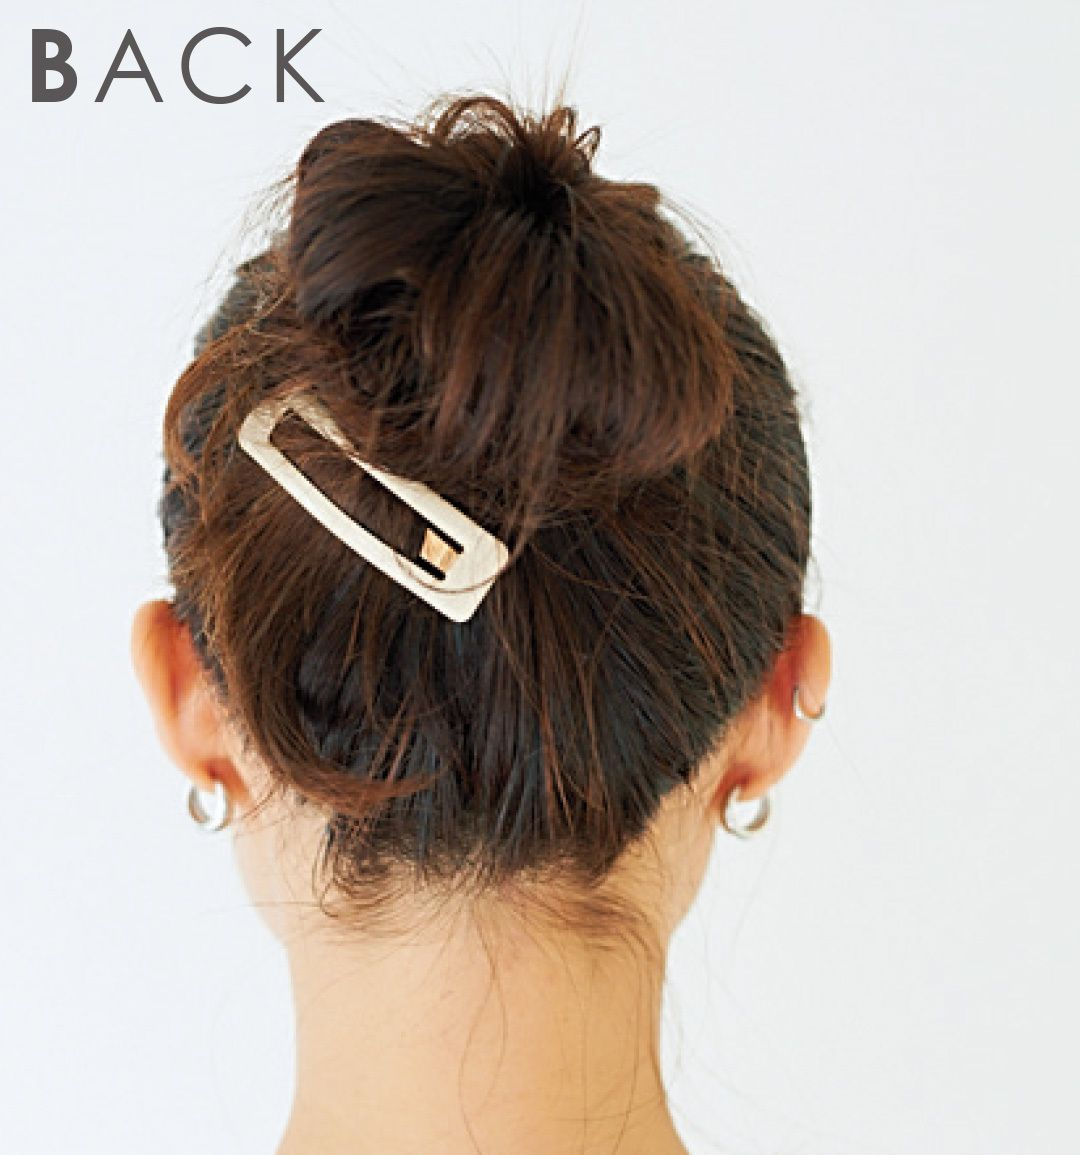 髪が多い 硬い クセ毛 そんな人に似合うおだんごヘアアレンジはこちら 美髪 ヘアスタイリング 髪が多い